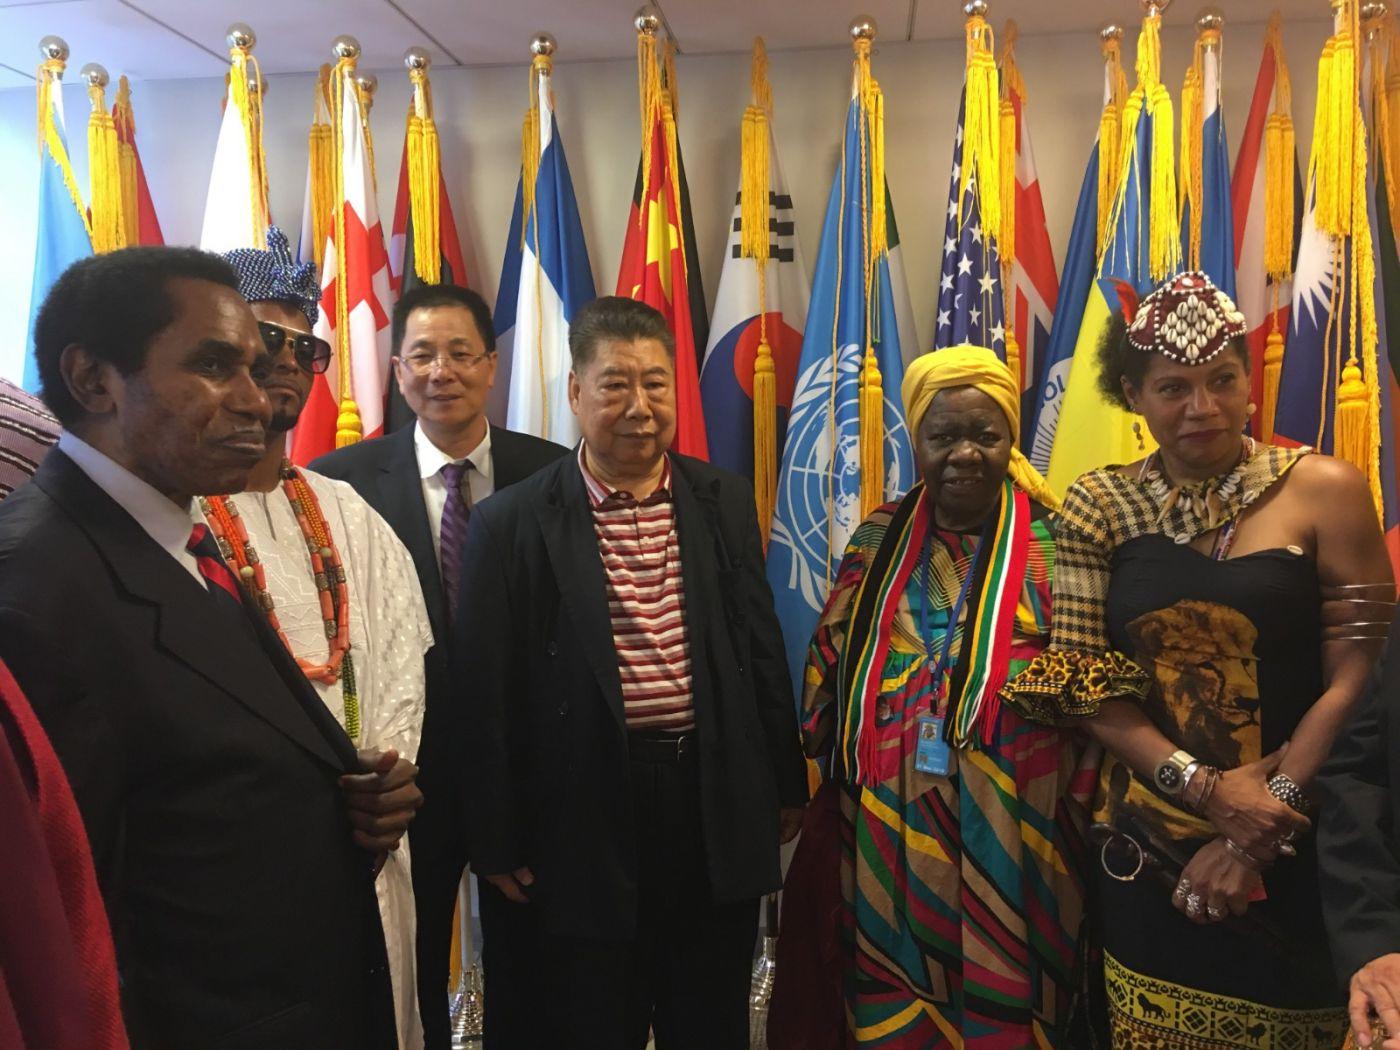 聯合國中華媽祖文化發展基金會受邀参加聯合國納尔遜.曼德拉国际日的一系列活动 ..._图1-10